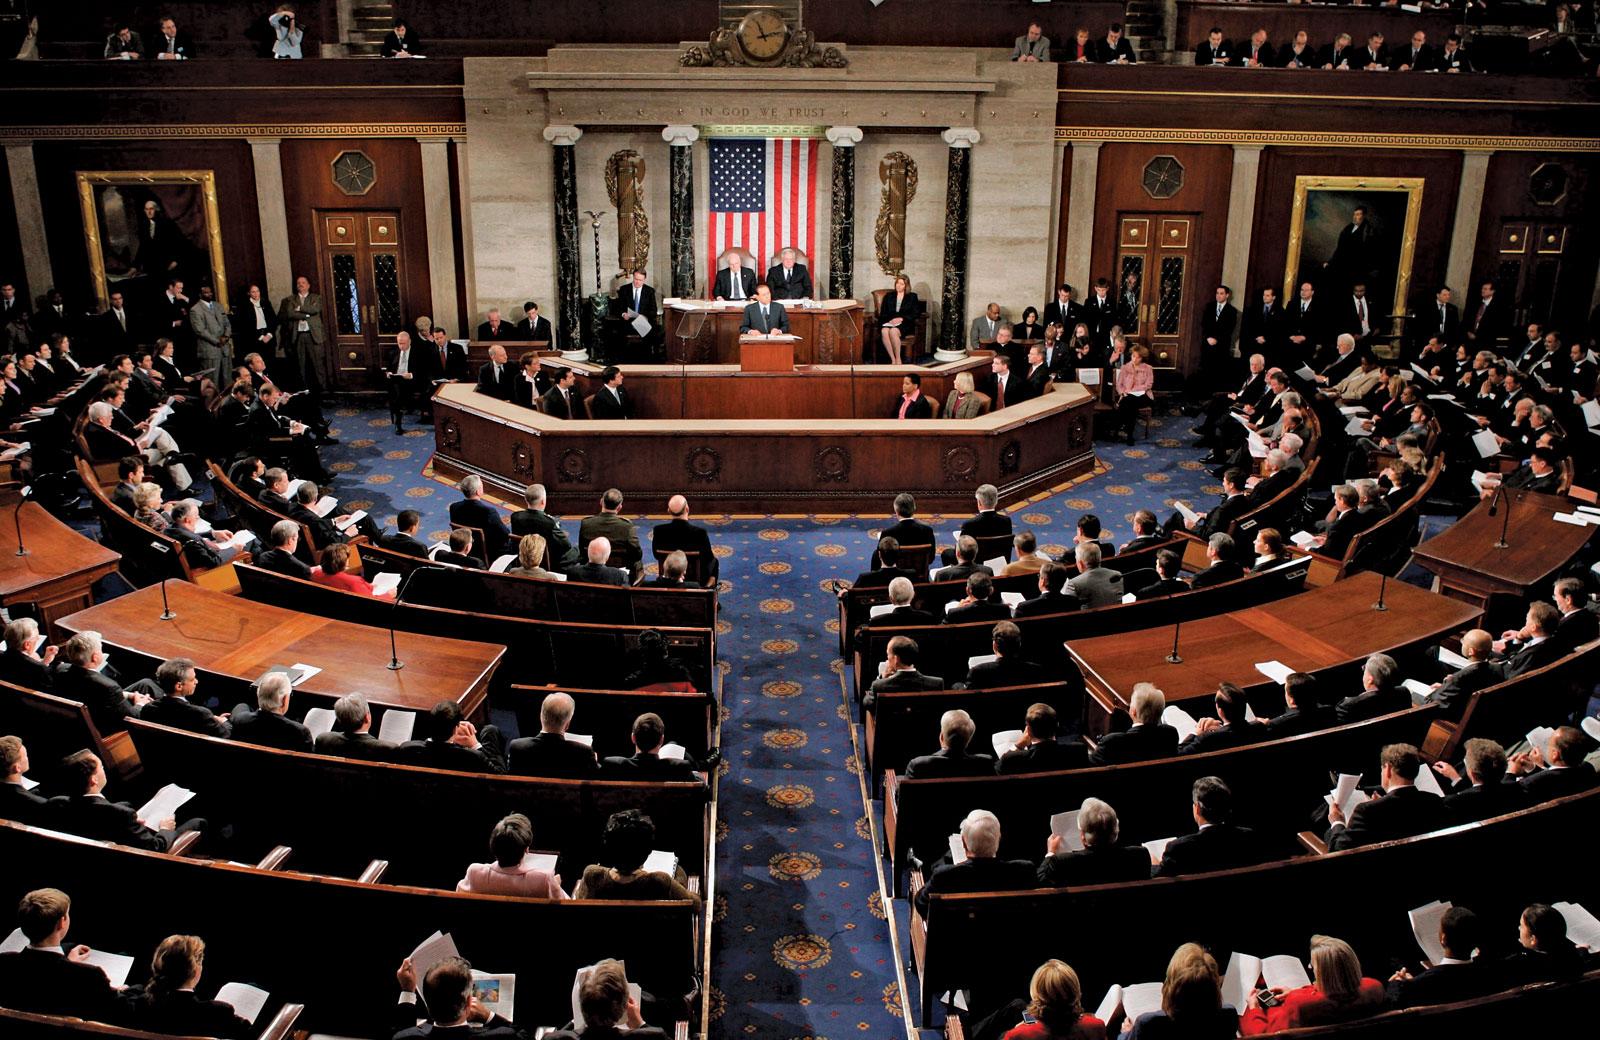 EEUU: Senado aprueba presupuesto US$4 billones